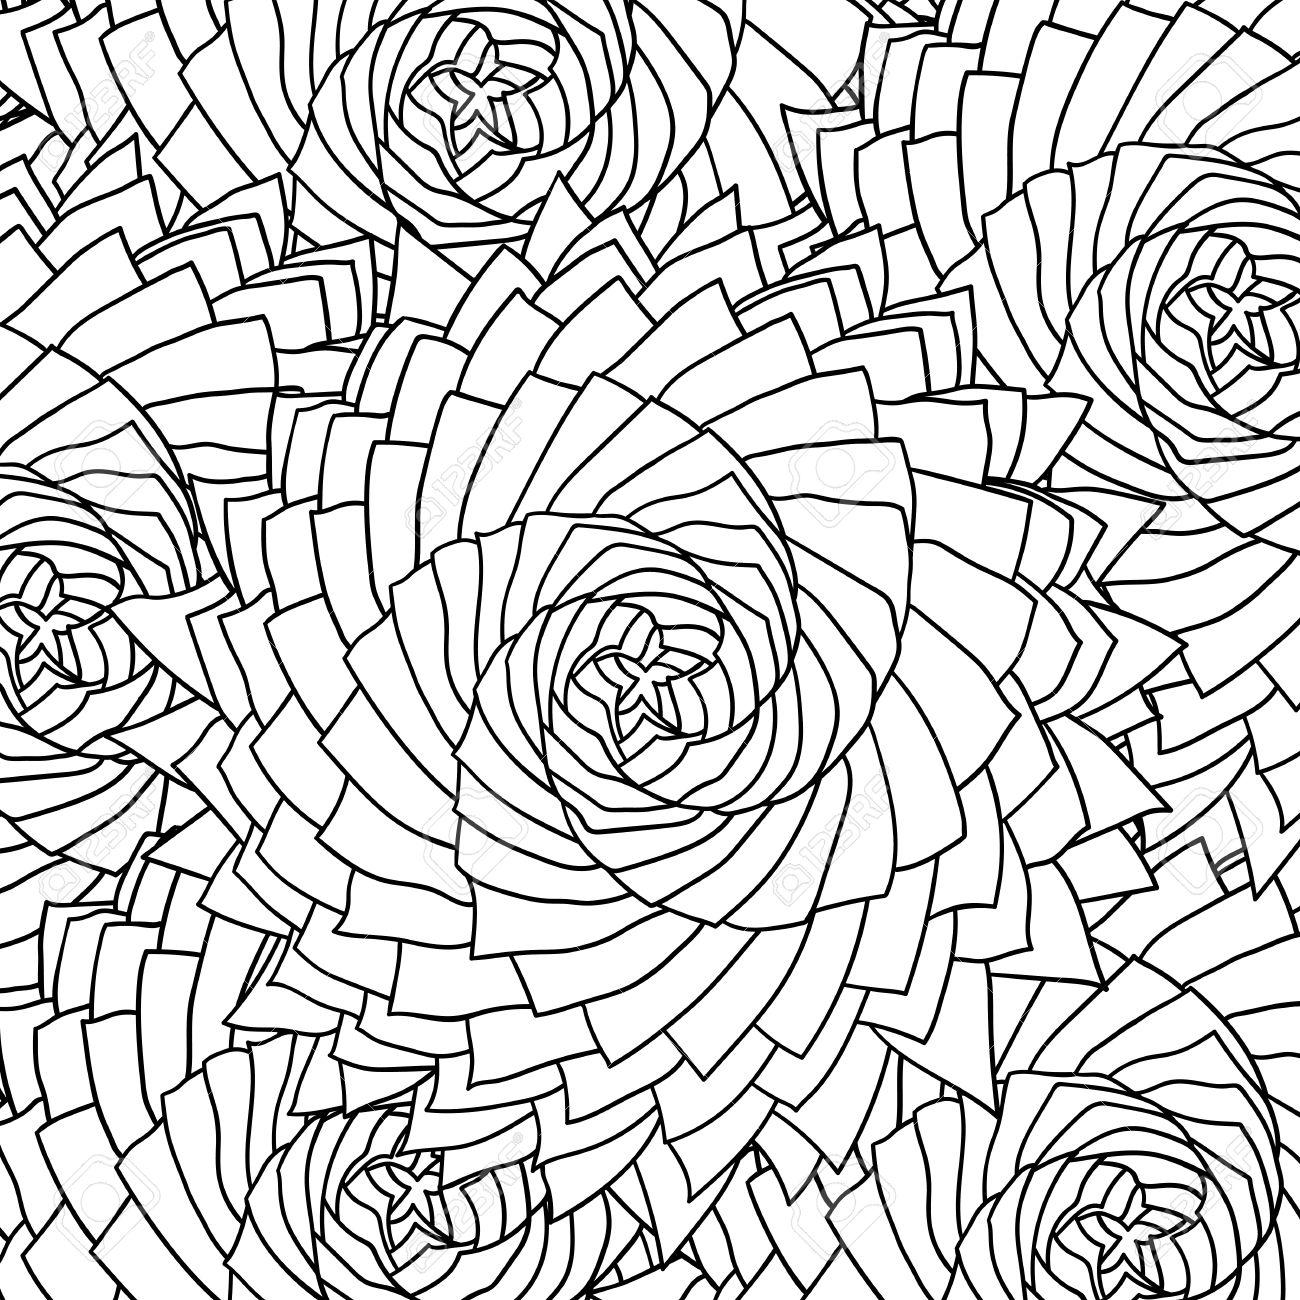 Excepcional Páginas Para Colorear En Blanco Y Negro De Rosas Motivo ...